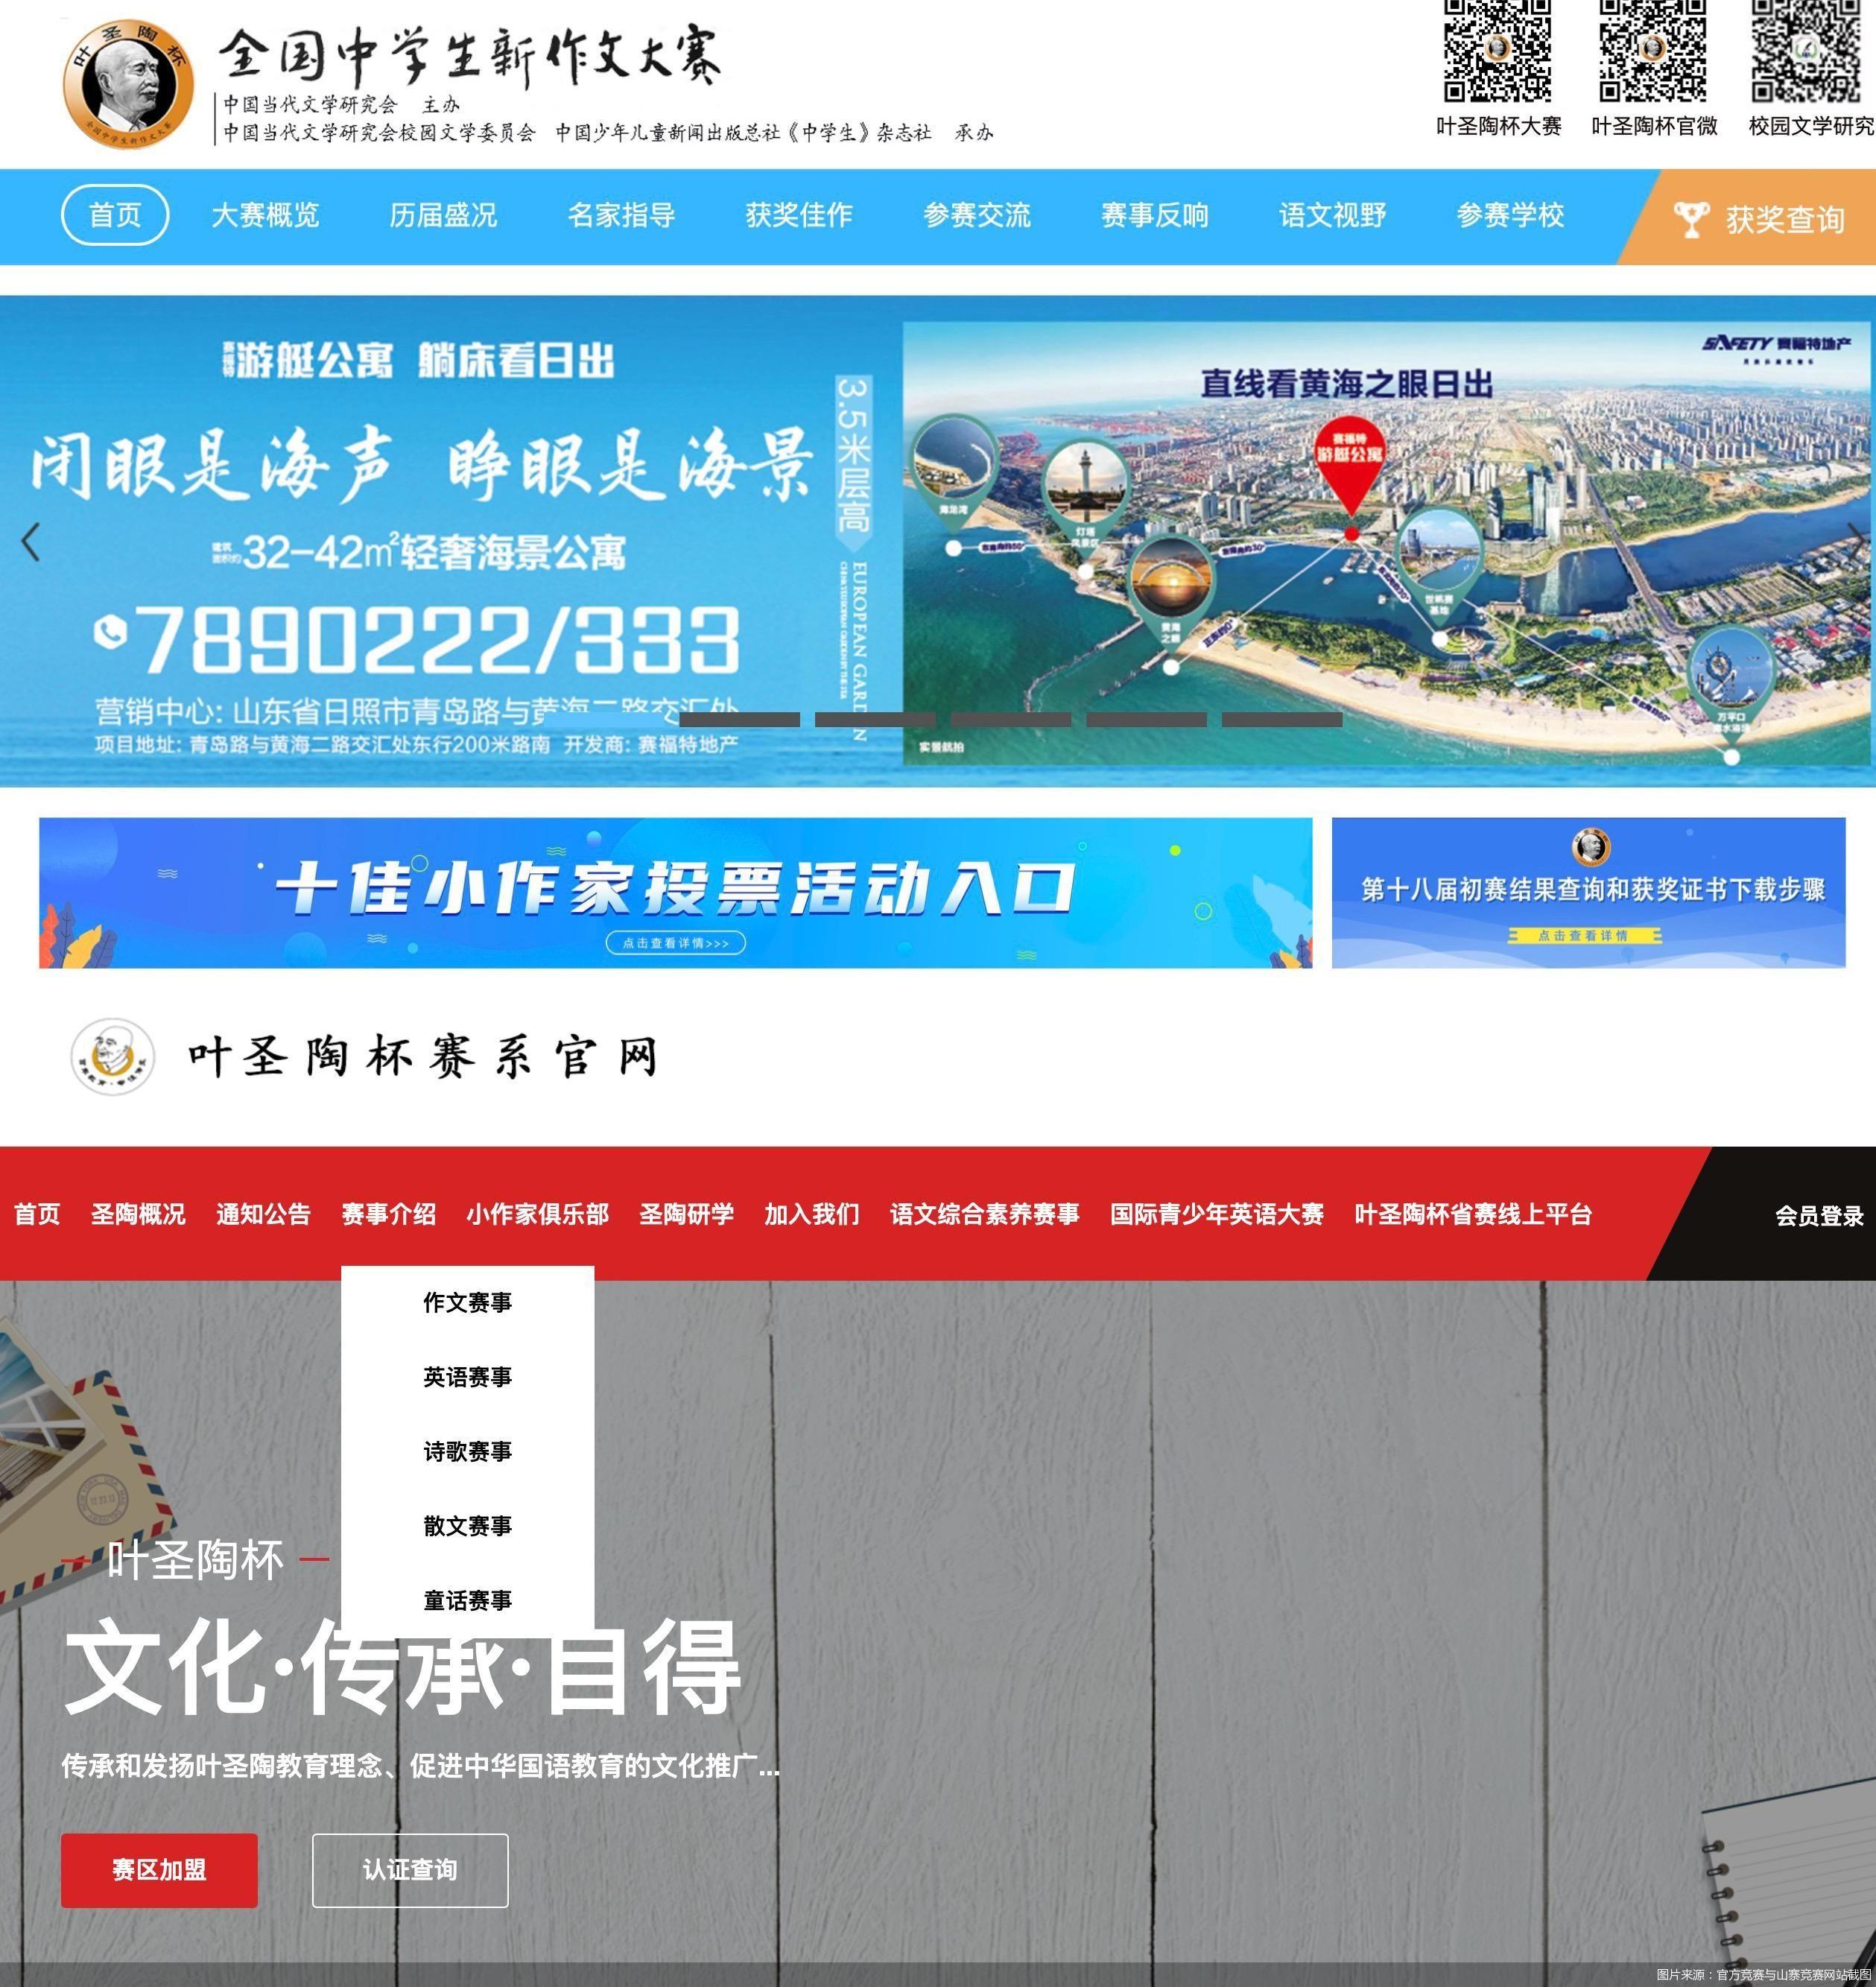 图片来源:官方竞赛与山寨竞赛网站截图